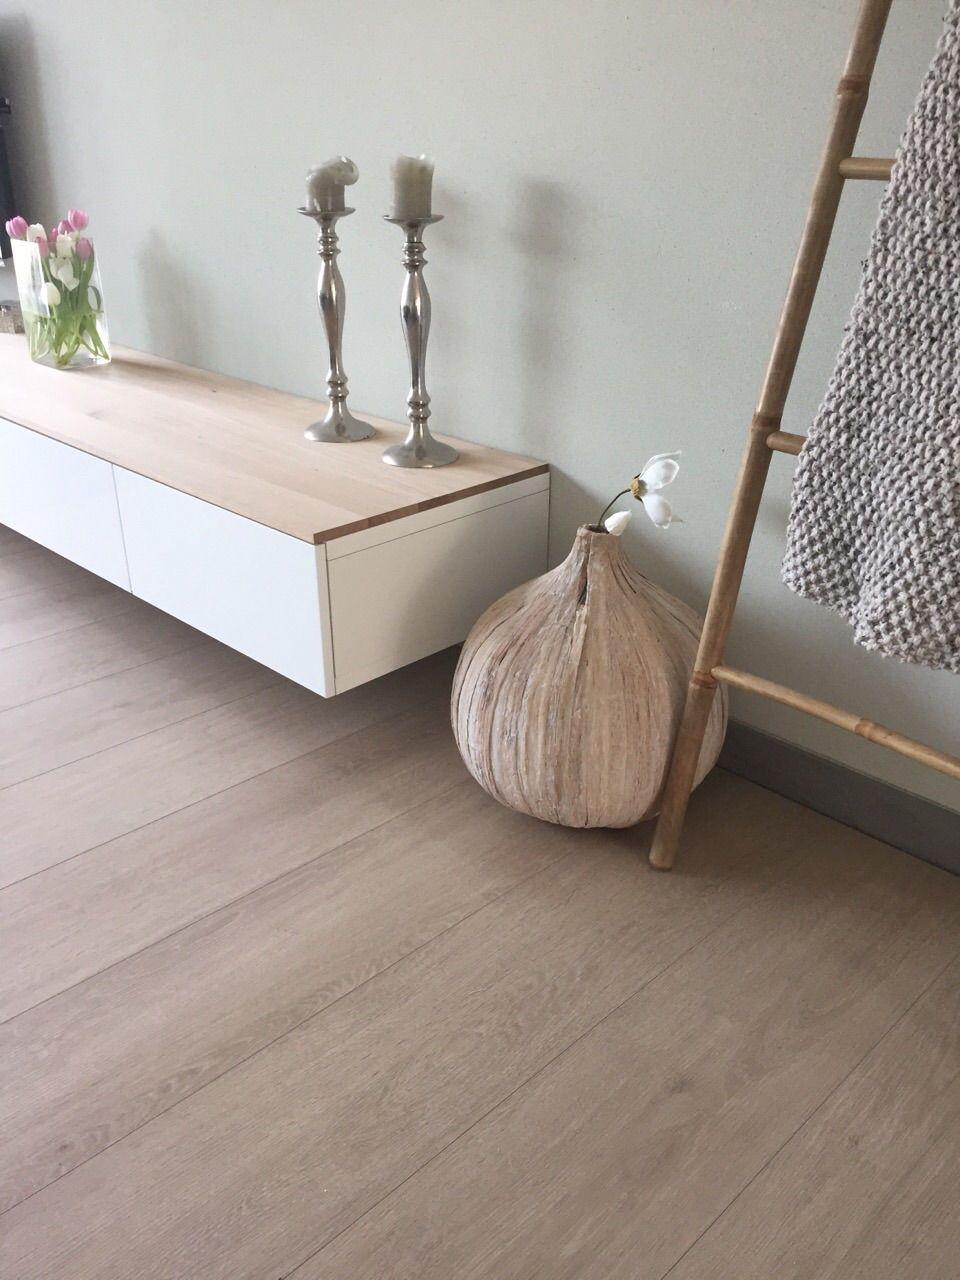 Besta tv meubel met eiken plank | Inrichting woonkamer | Pinterest ...